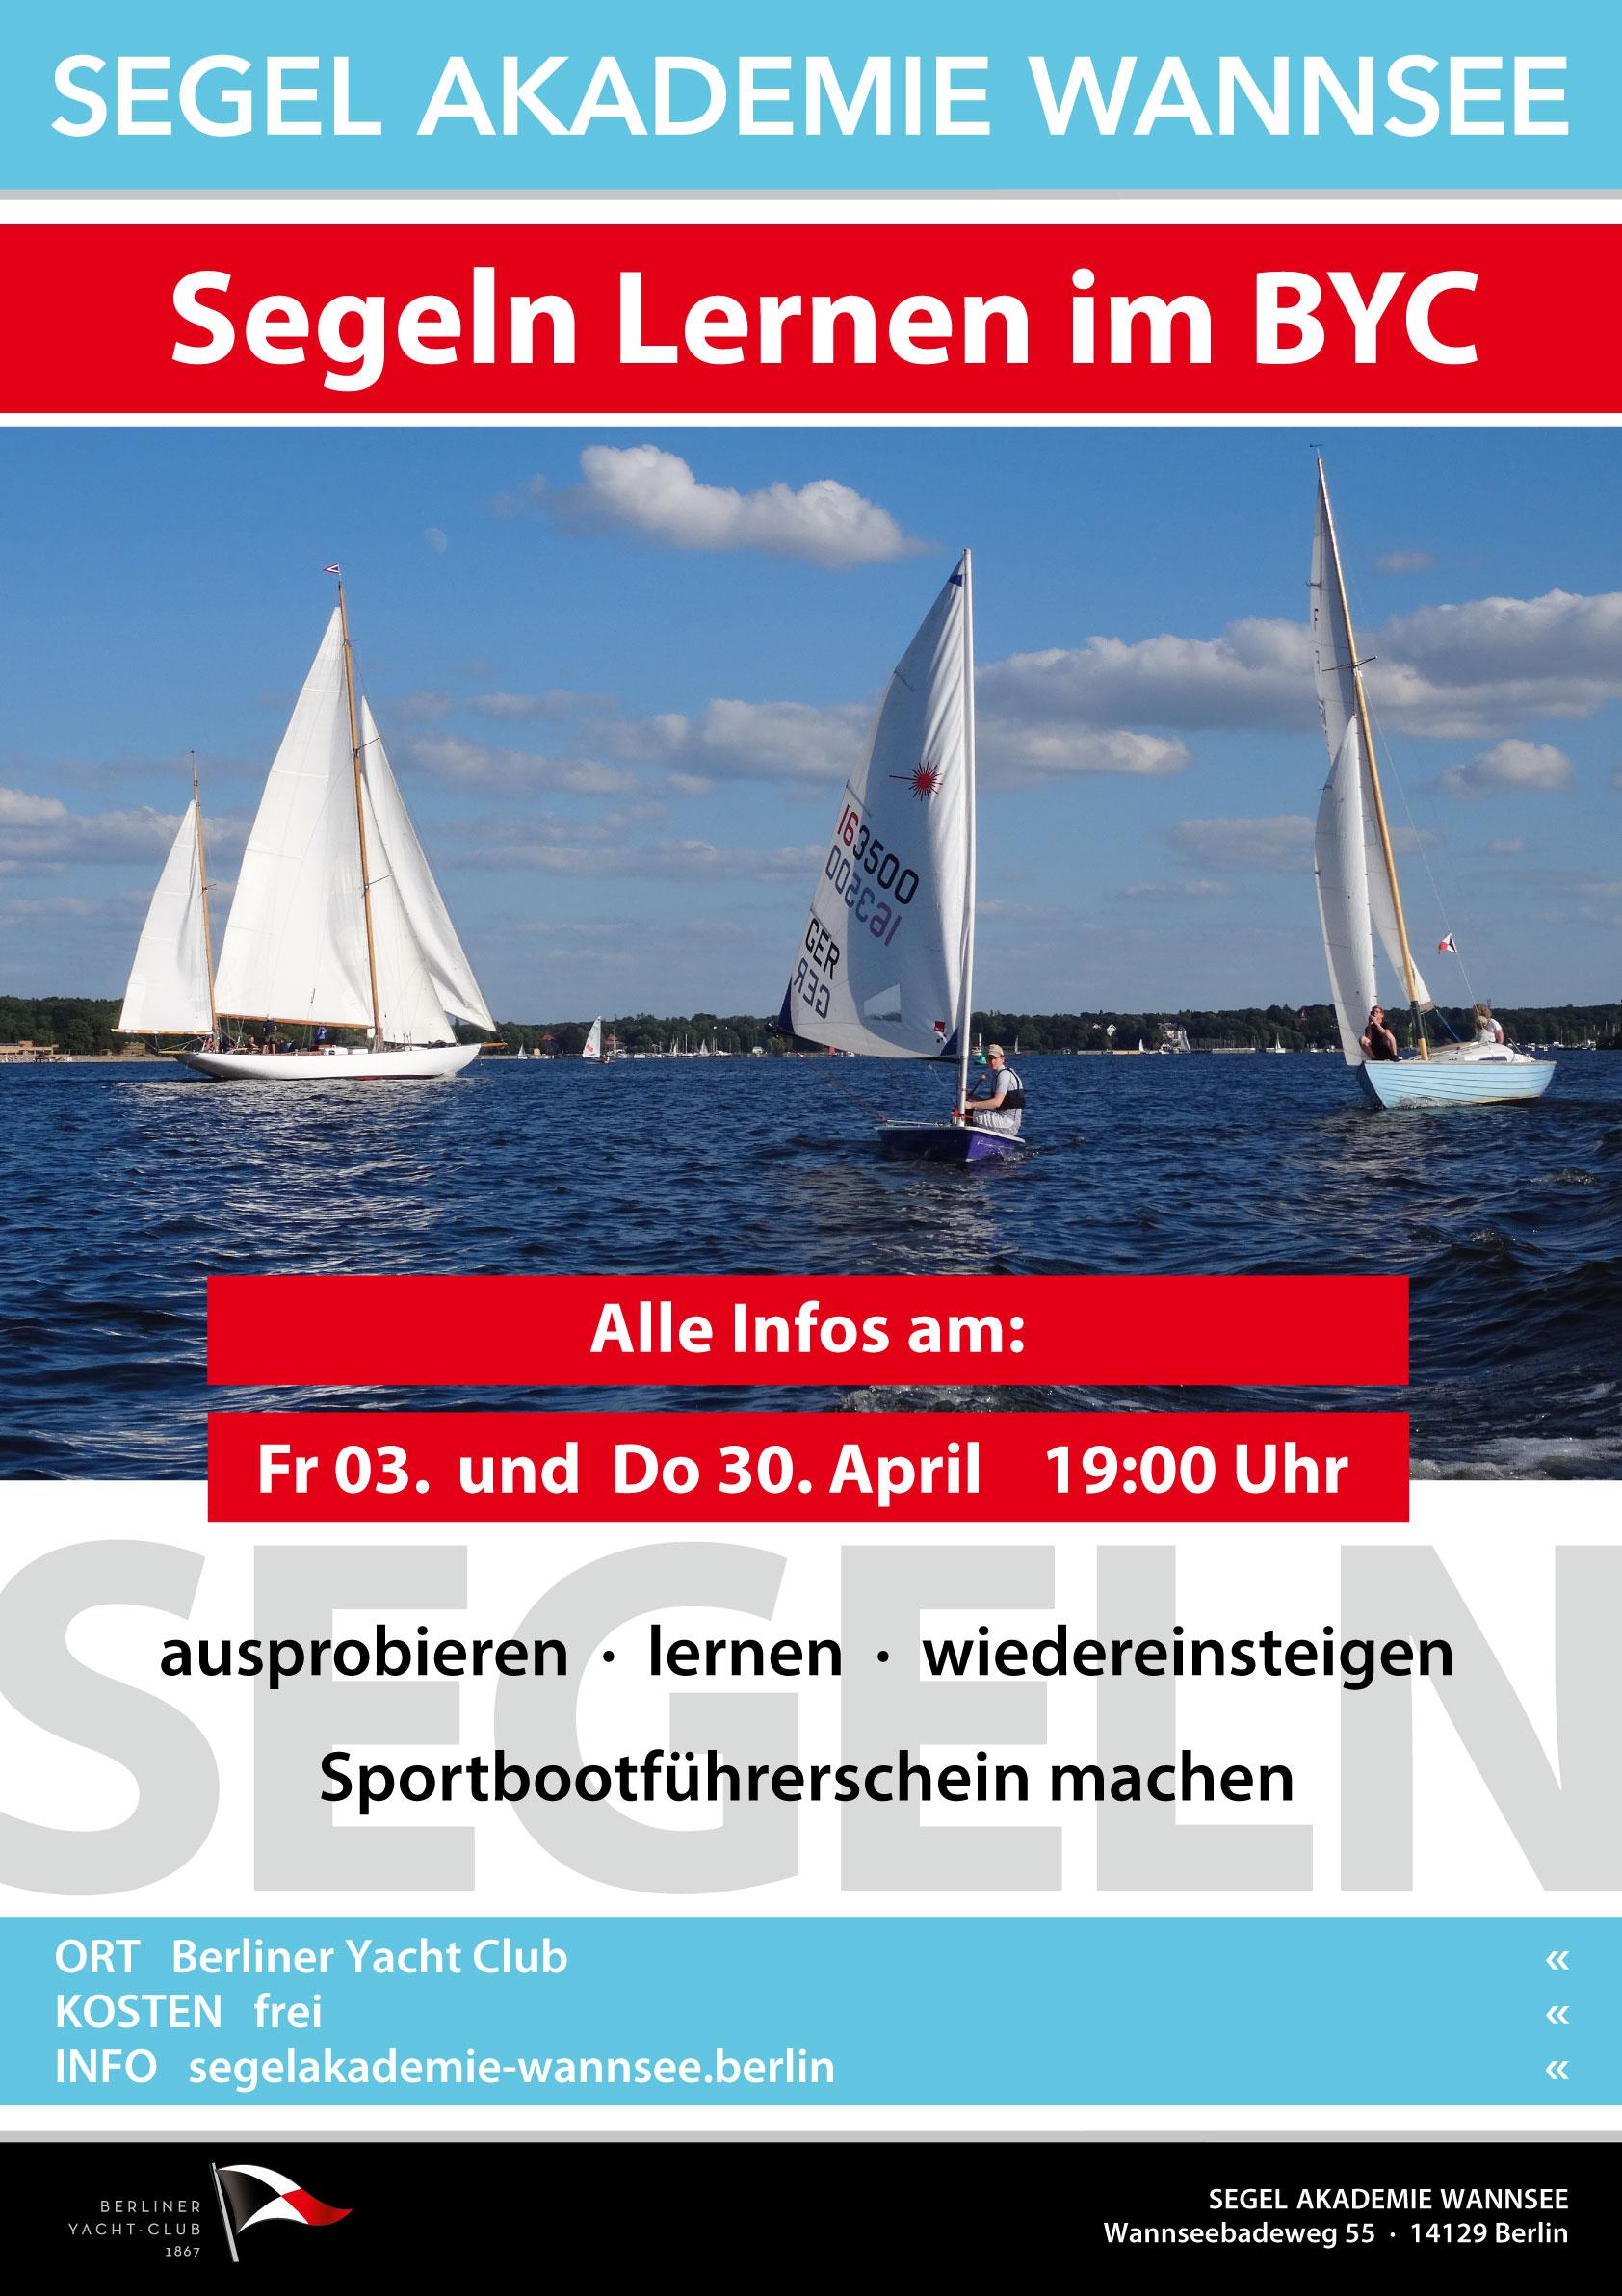 Bootsführerschein Kosten Berlin | Bootsführerschein Berlin verwandt mit Motorbootführerschein Berlin Kosten